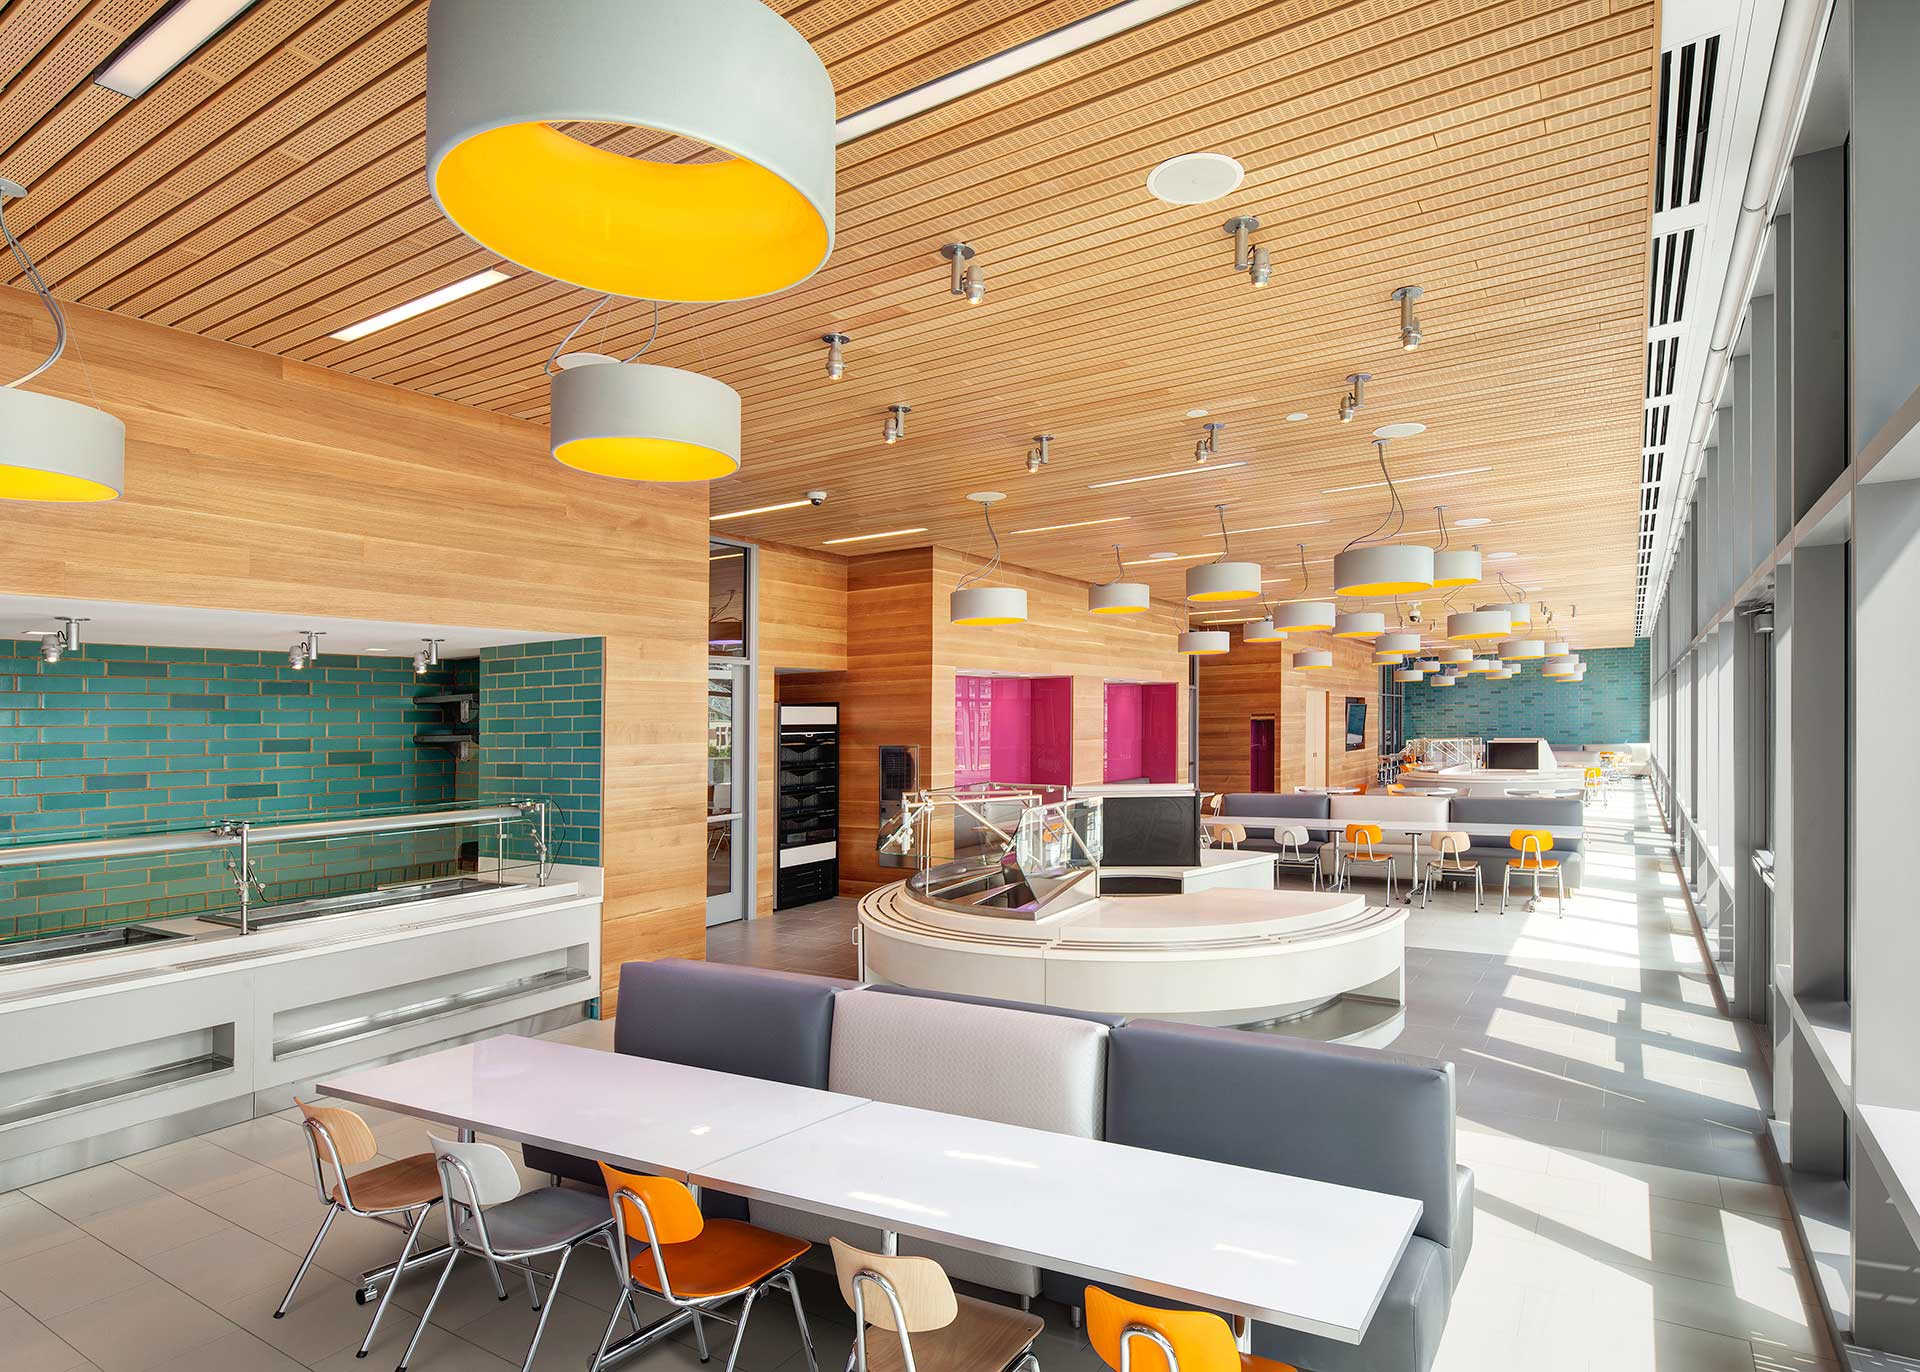 GEMS Lower School BKL Architecture